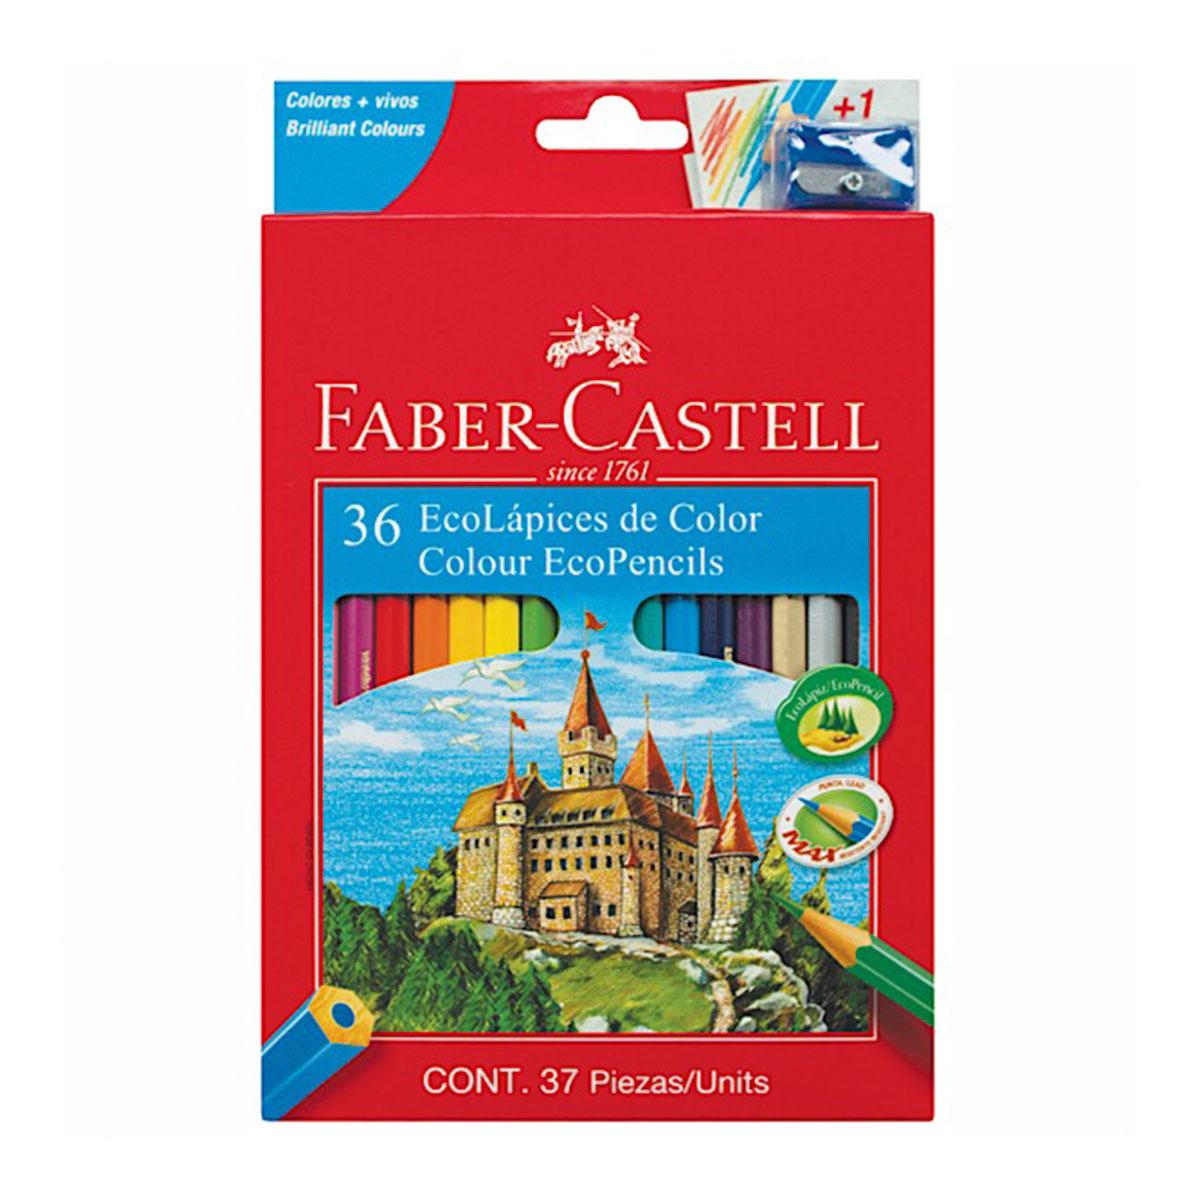 212036 FABER-CASTELL                                                | ECOLAPICES POR 36 LARGOS + SACAPUNTAS